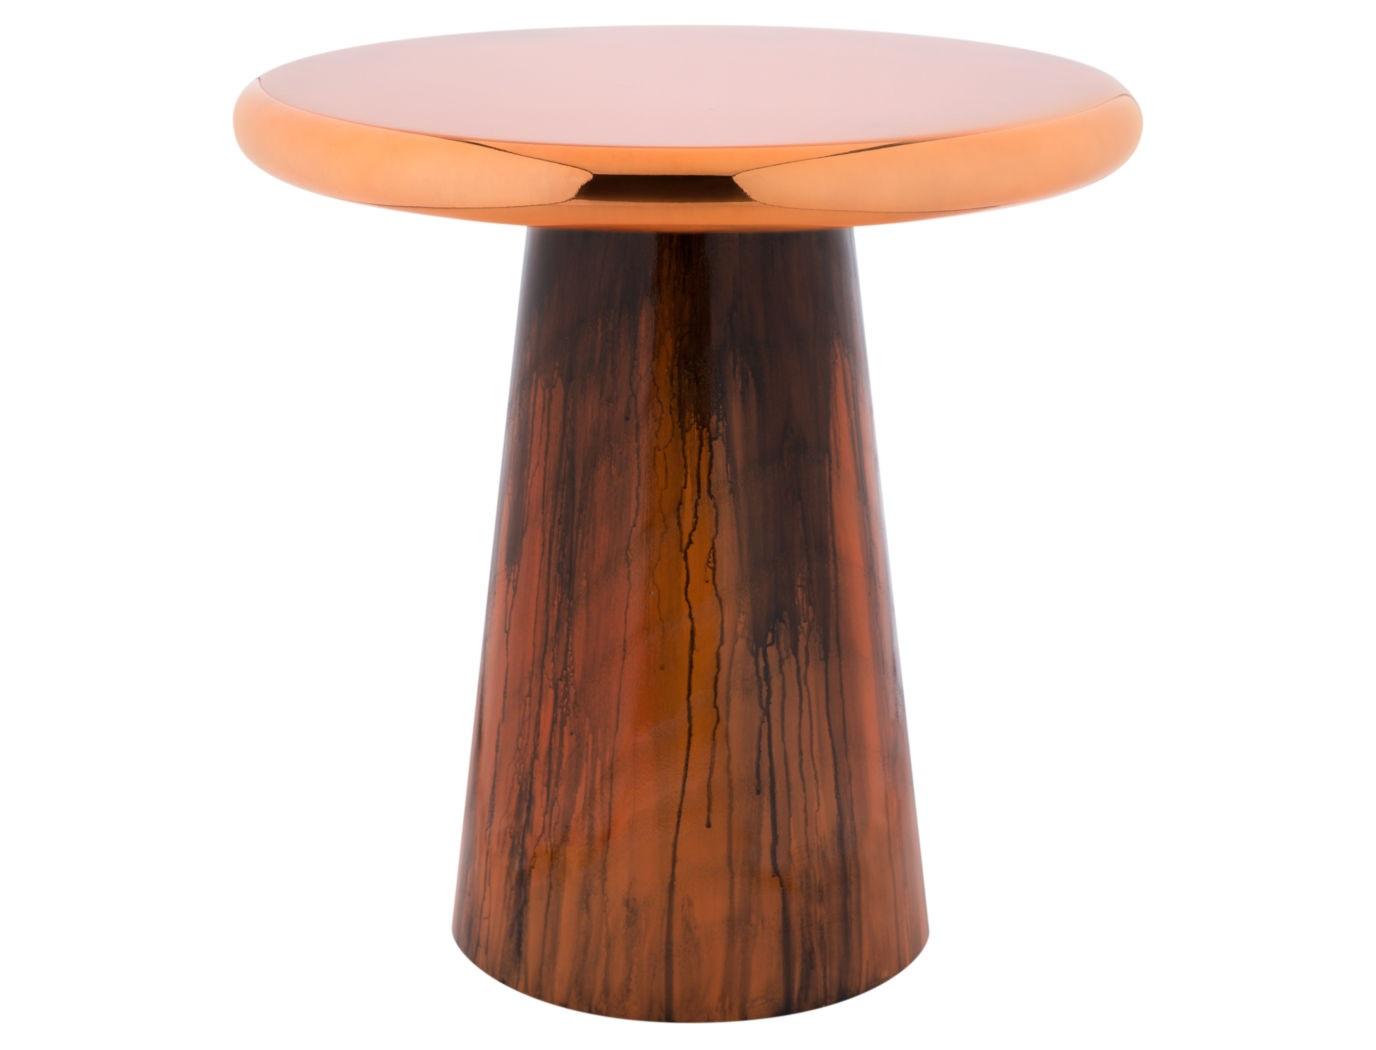 Стол RenadoКофейные столики<br><br><br>Material: Дерево<br>Высота см: 62